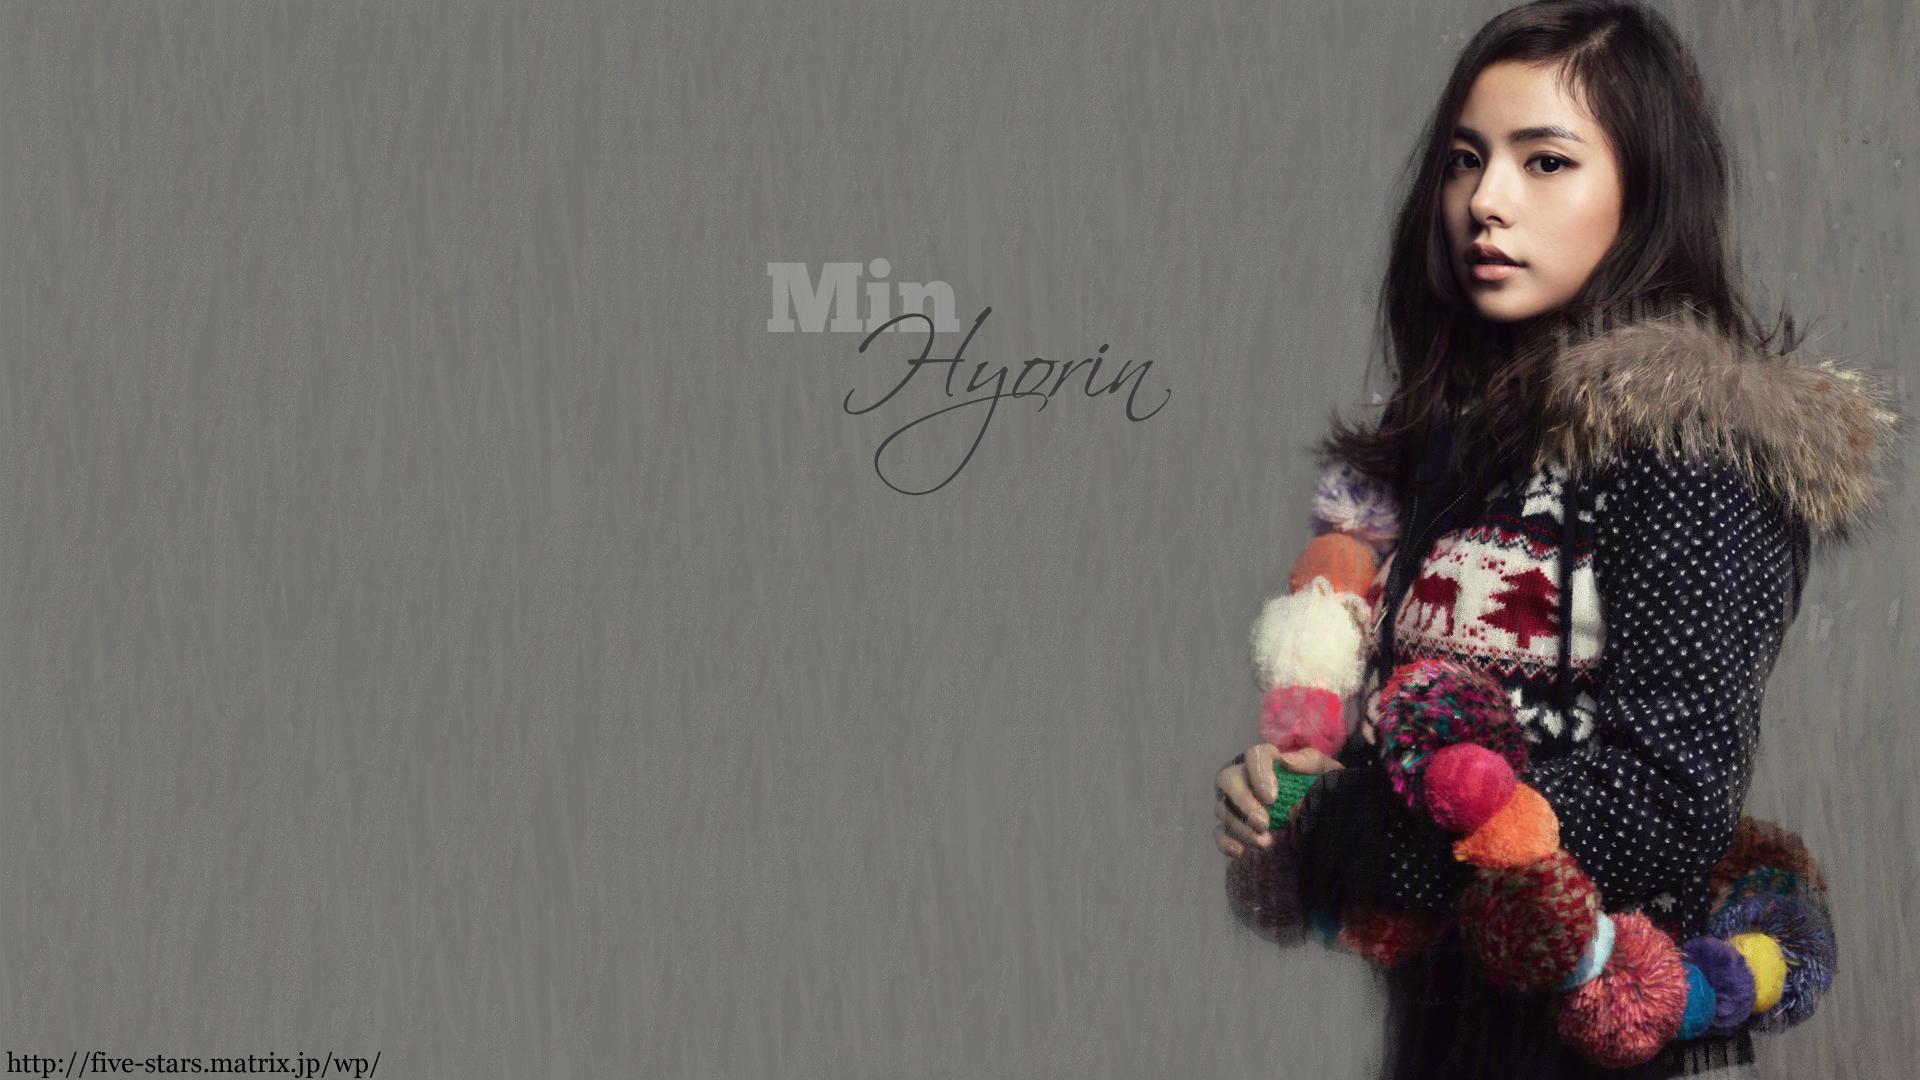 ミン・ヒョリンの画像 p1_29